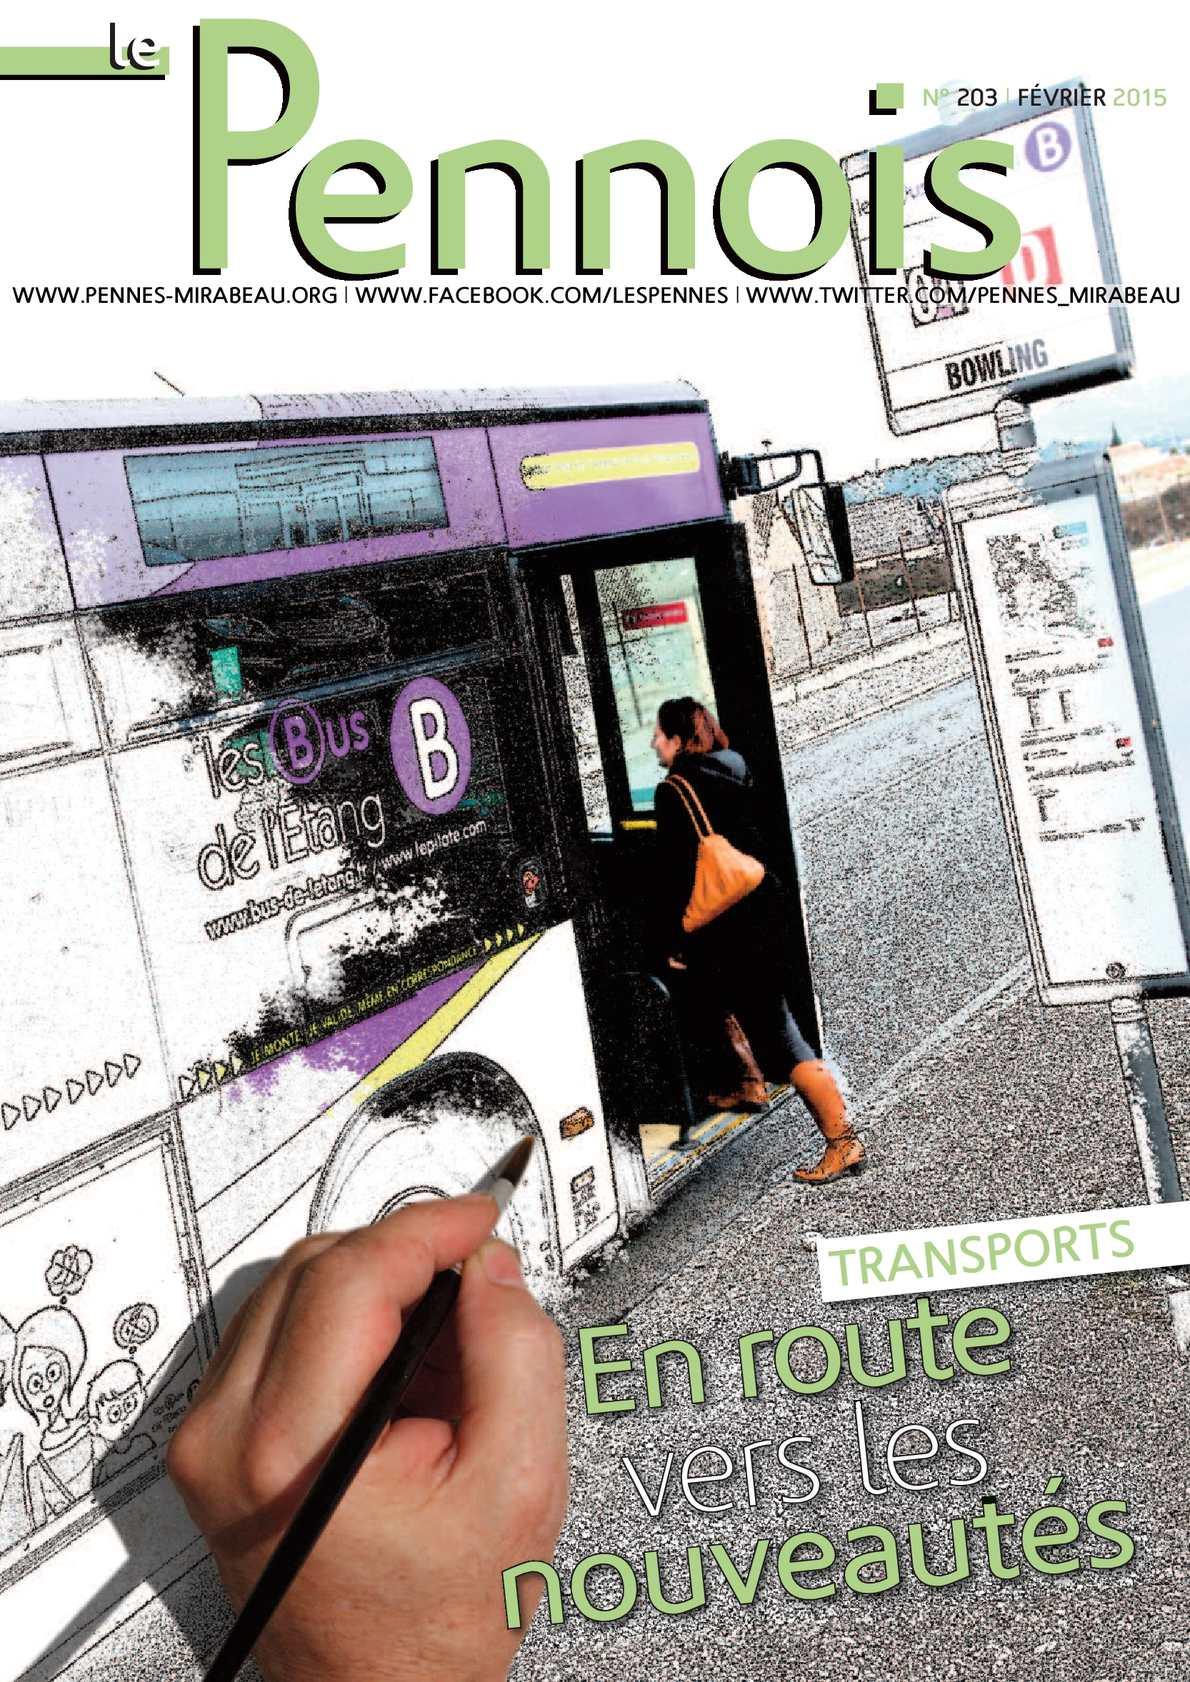 Calam o le pennois f vrier 2015 - Piscine municipale les pennes mirabeau ...